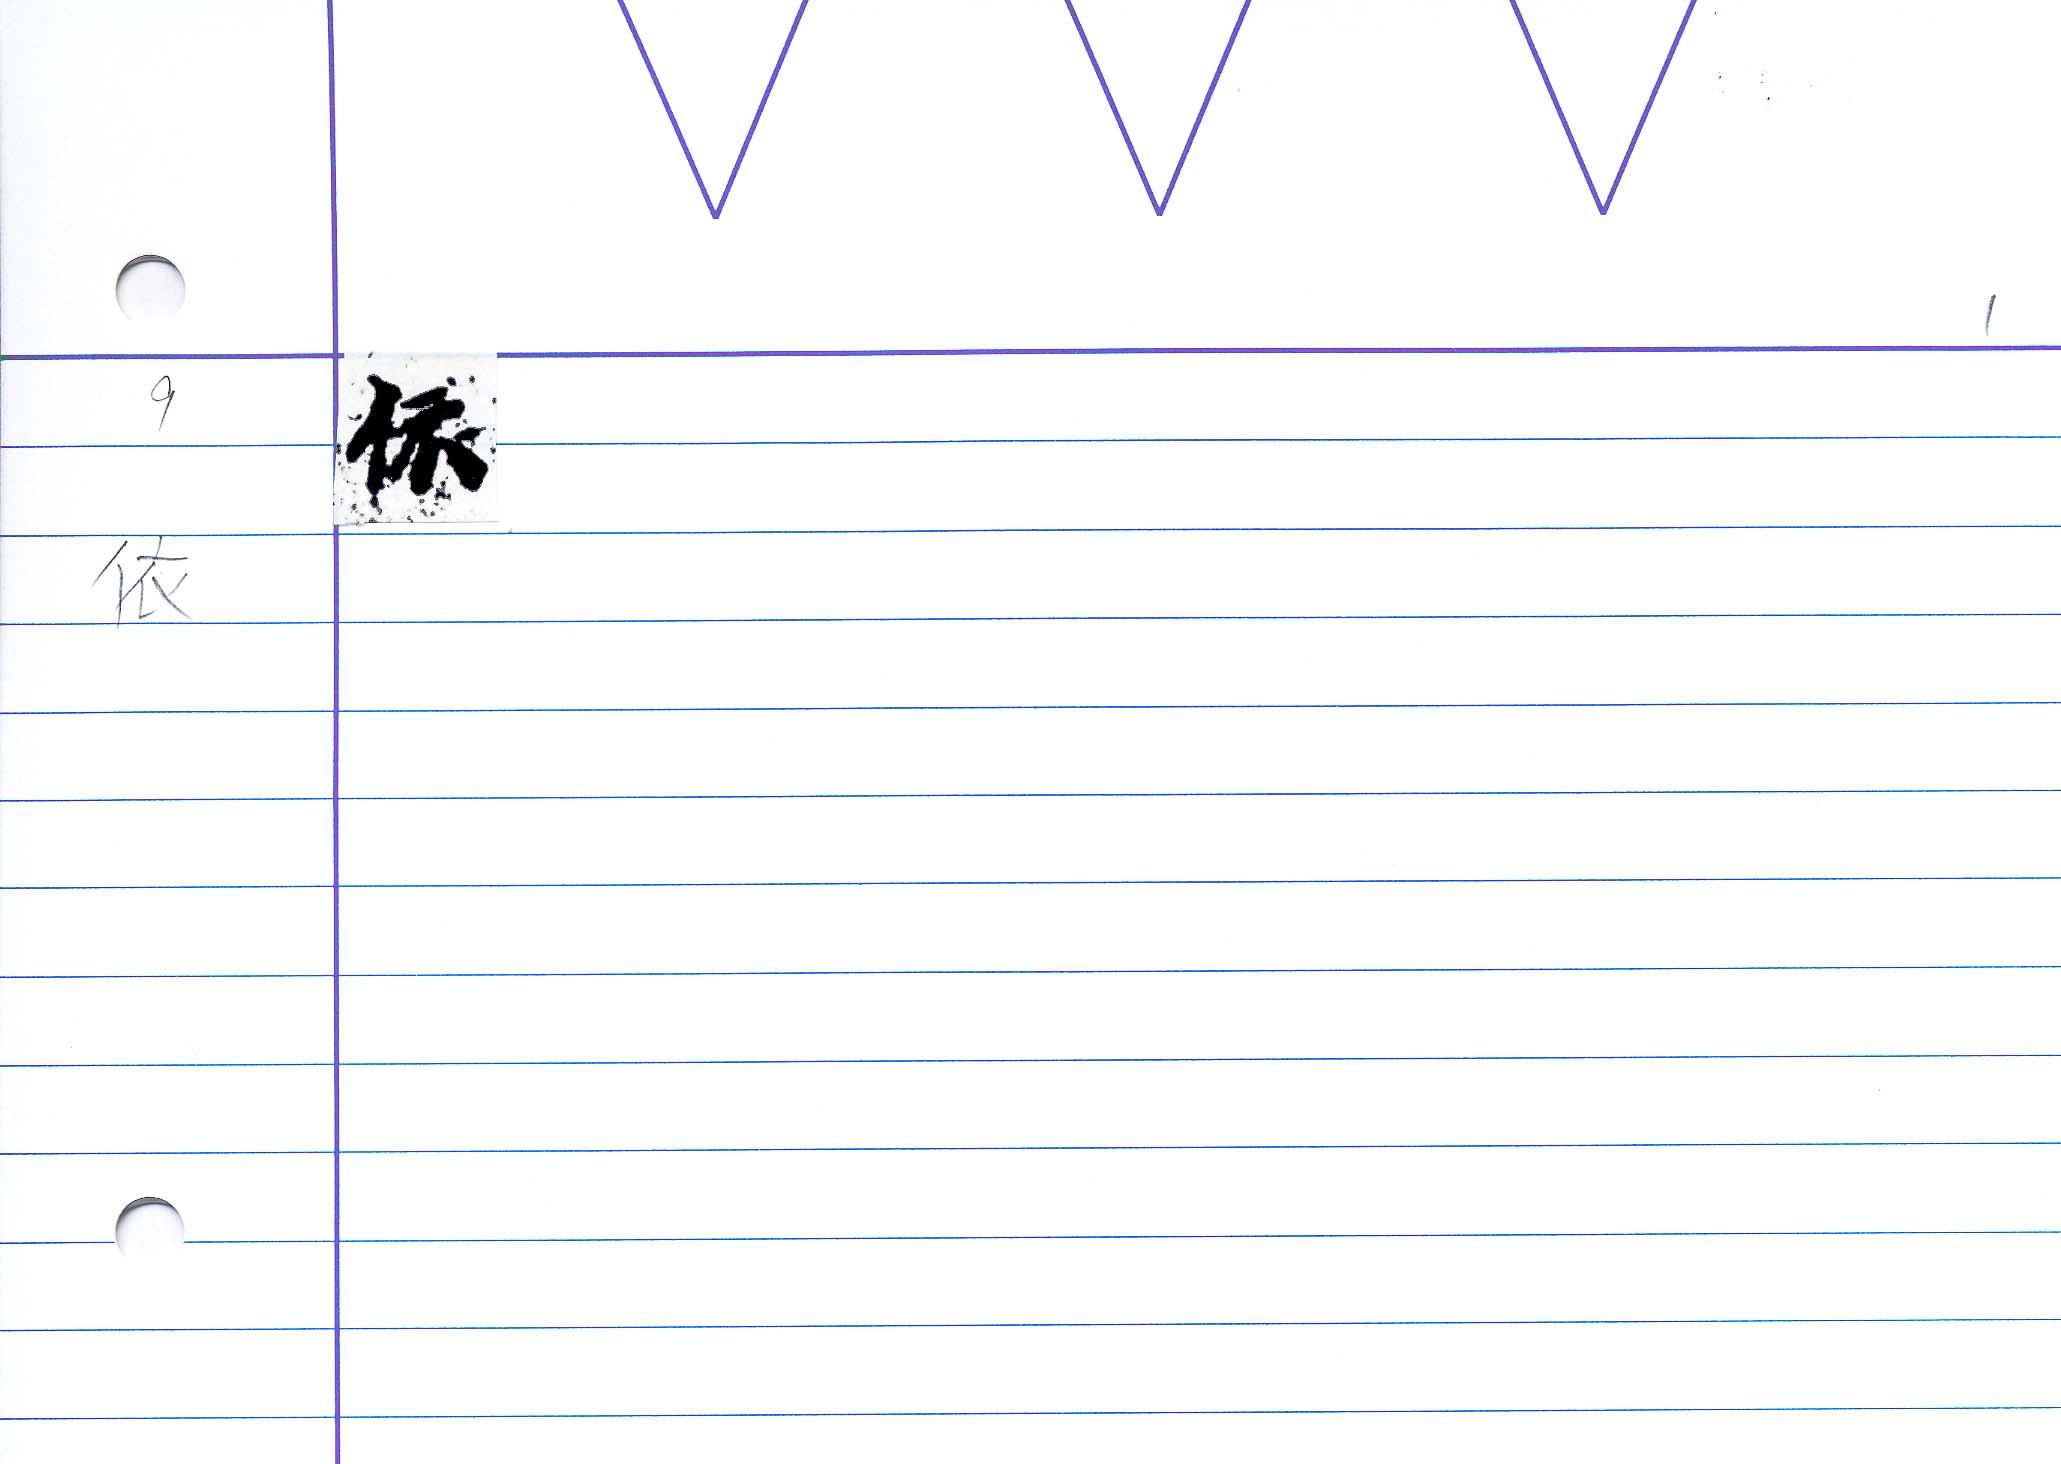 01_誠實論卷八(P.2179)/cards/0010.jpg